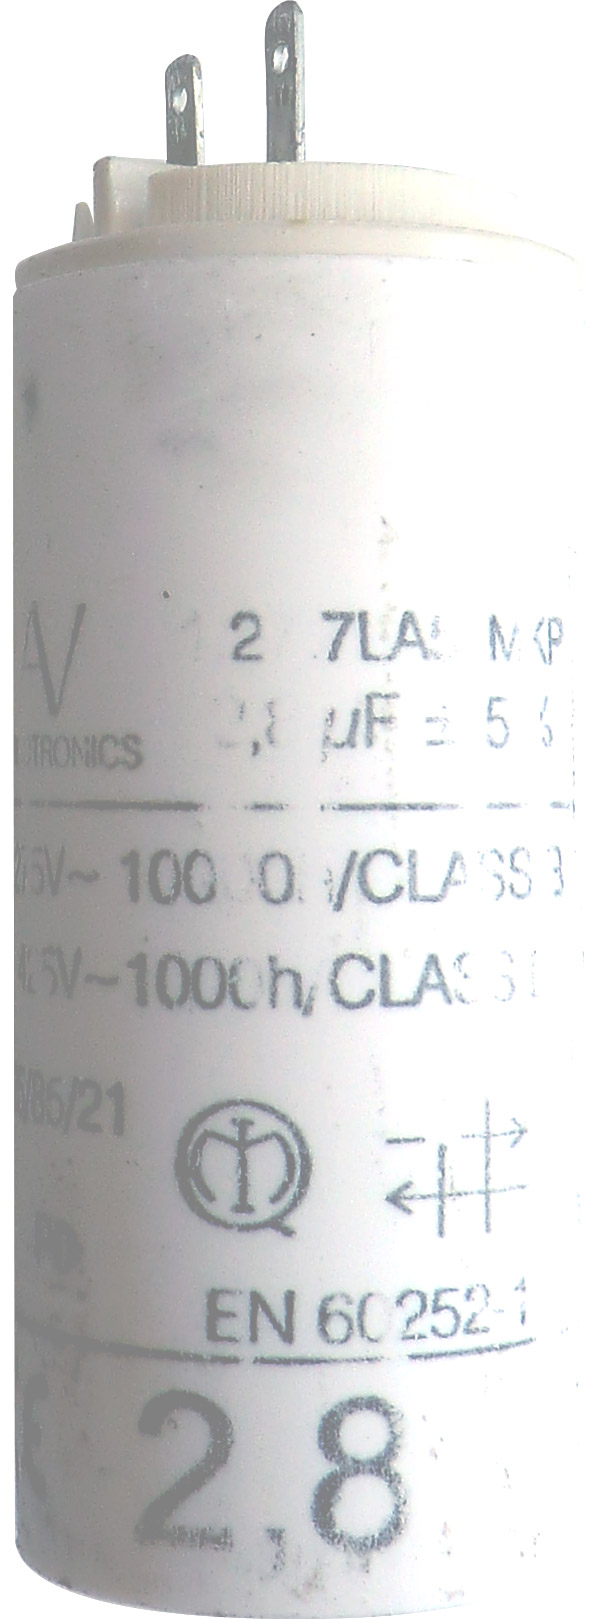 Caractéristiques du condensateur